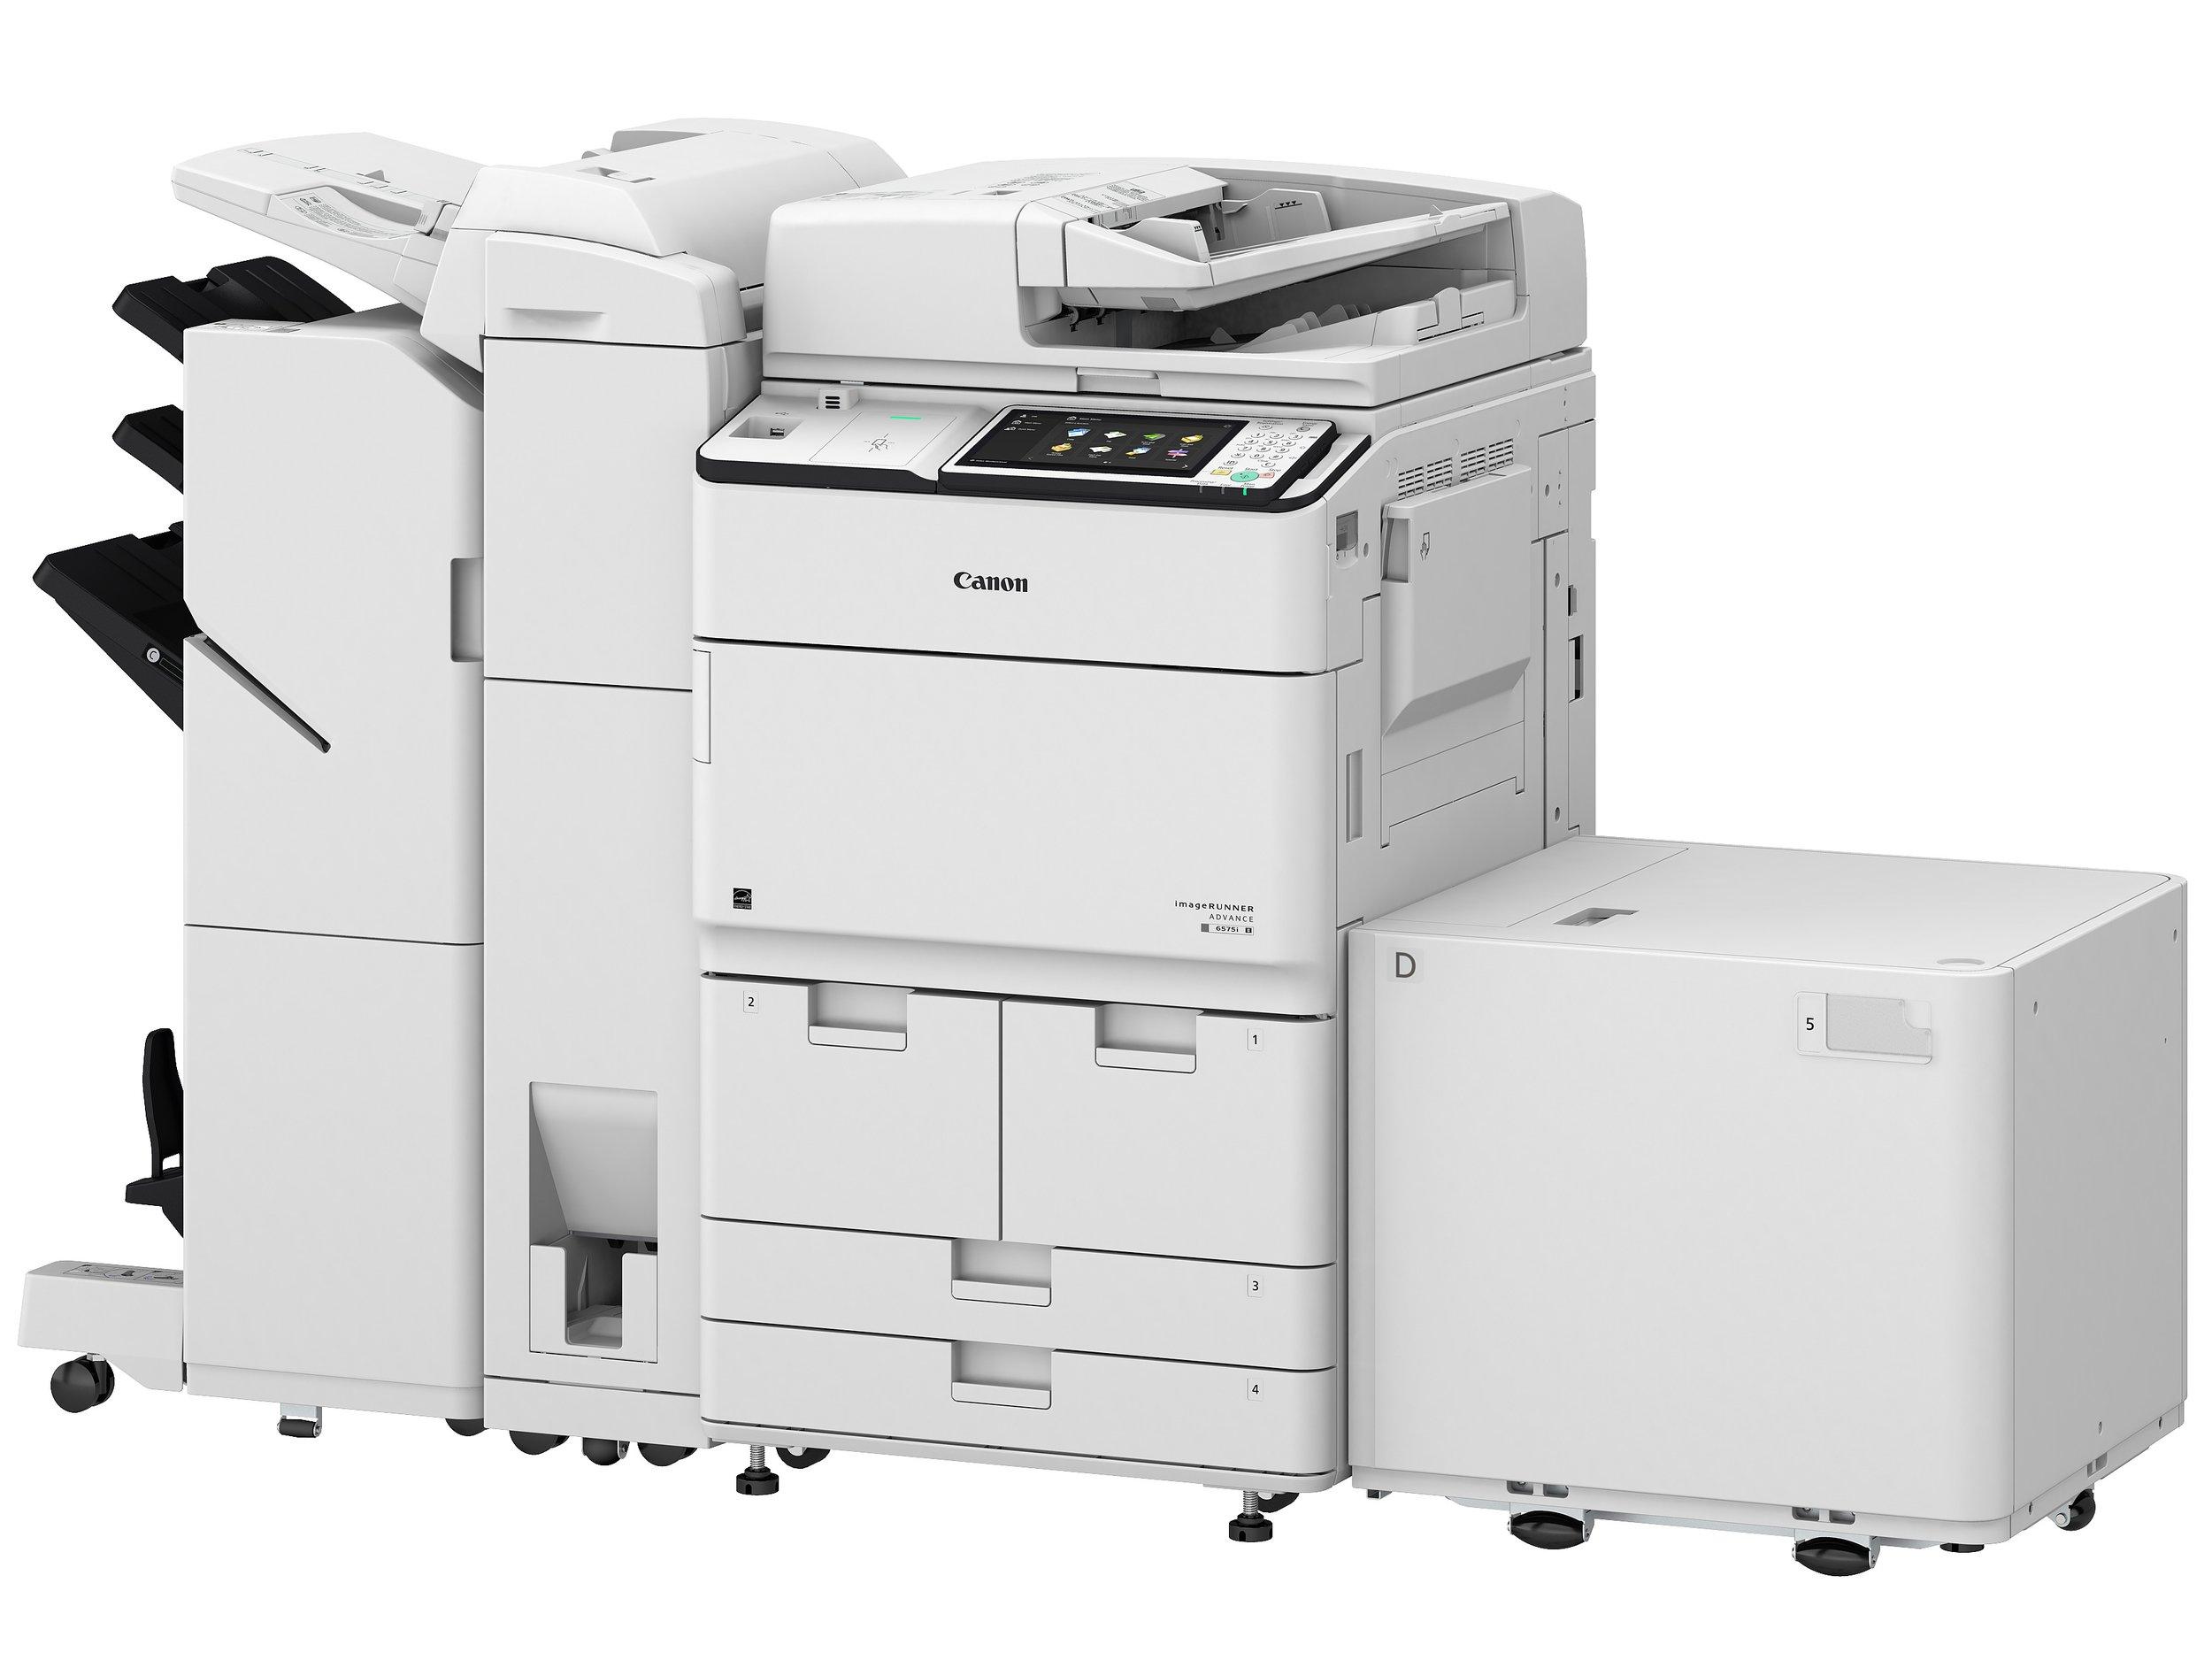 6500-canon-copier-printer-long-island.jpg